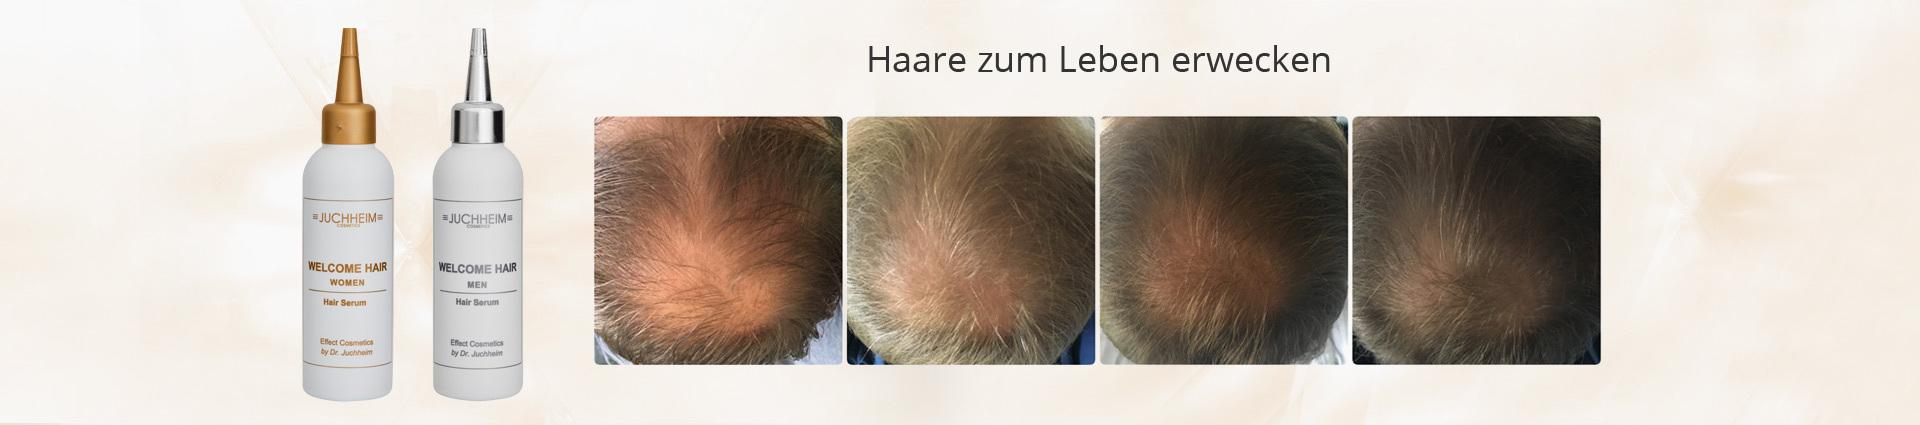 Intensives Haarserum mit natürlichen Wirkstoffen - Beratung, Dr. Juchheim Produkte und Kauf bei Palm Studio in Pfäffikon bei Zürich Haarwachstum, Haarserum, Glatzenbildung, schütteres Haar, Haarserum gegen Haarausfall,